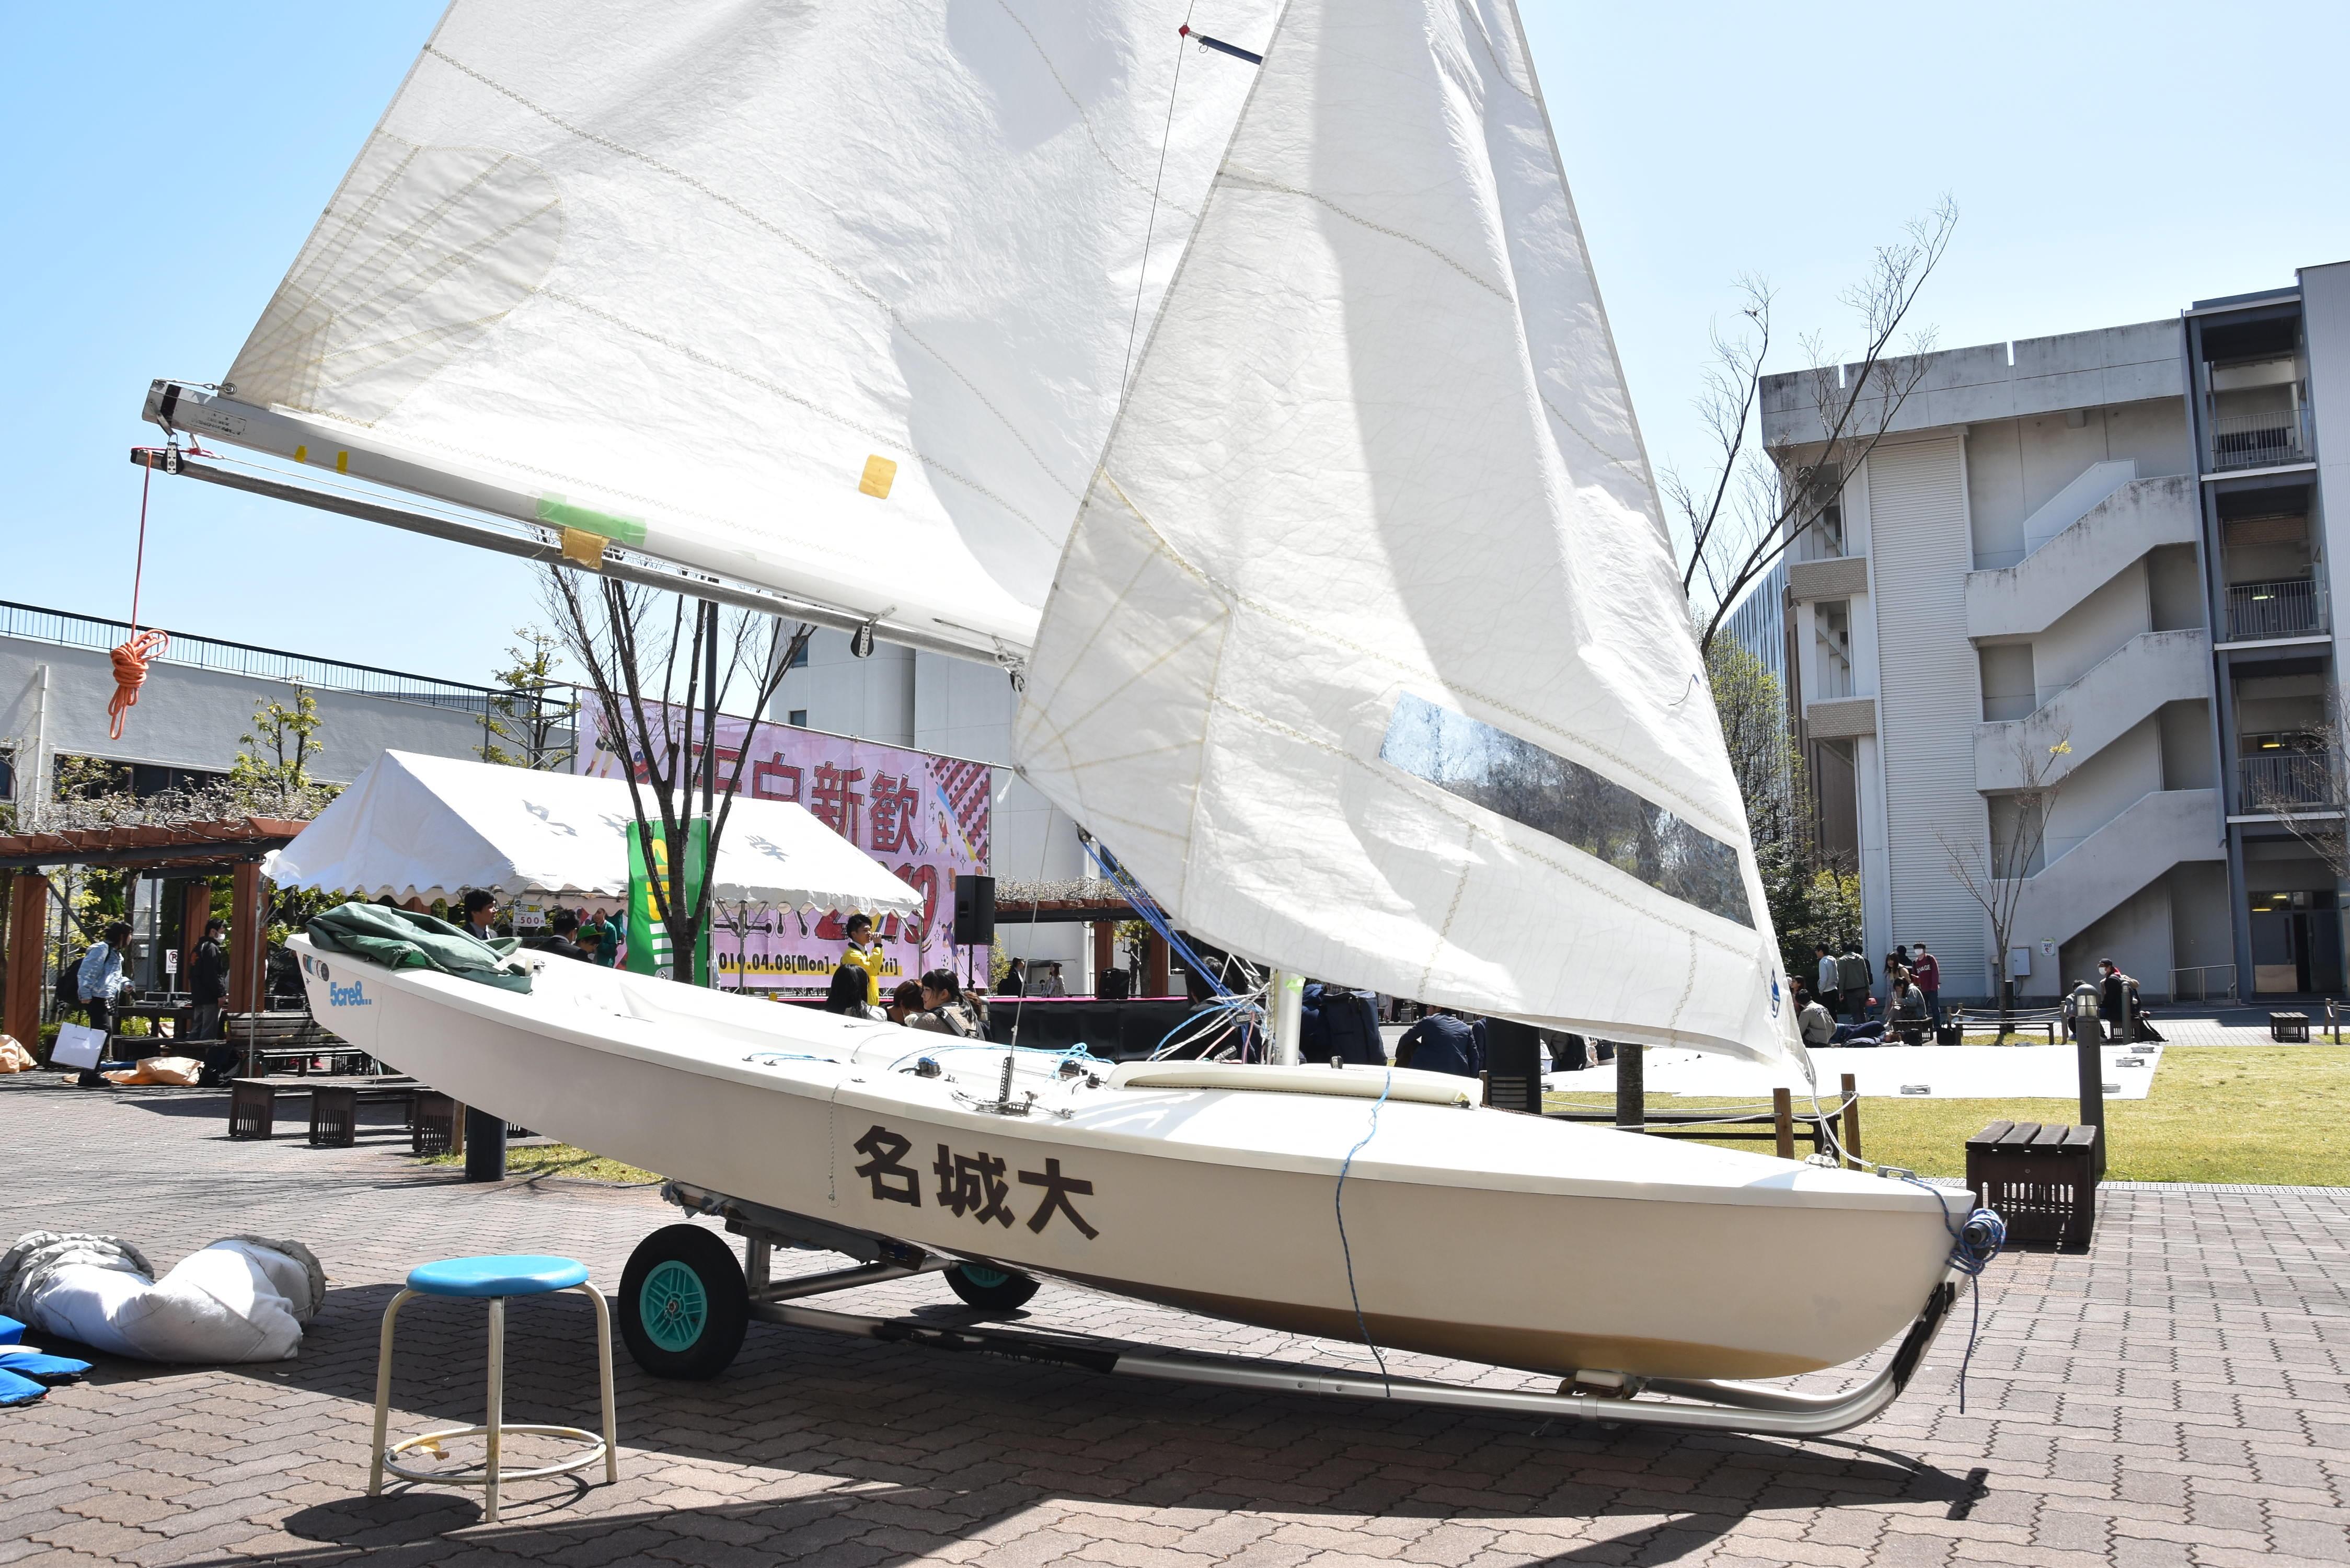 ヨット部のヨットの展示